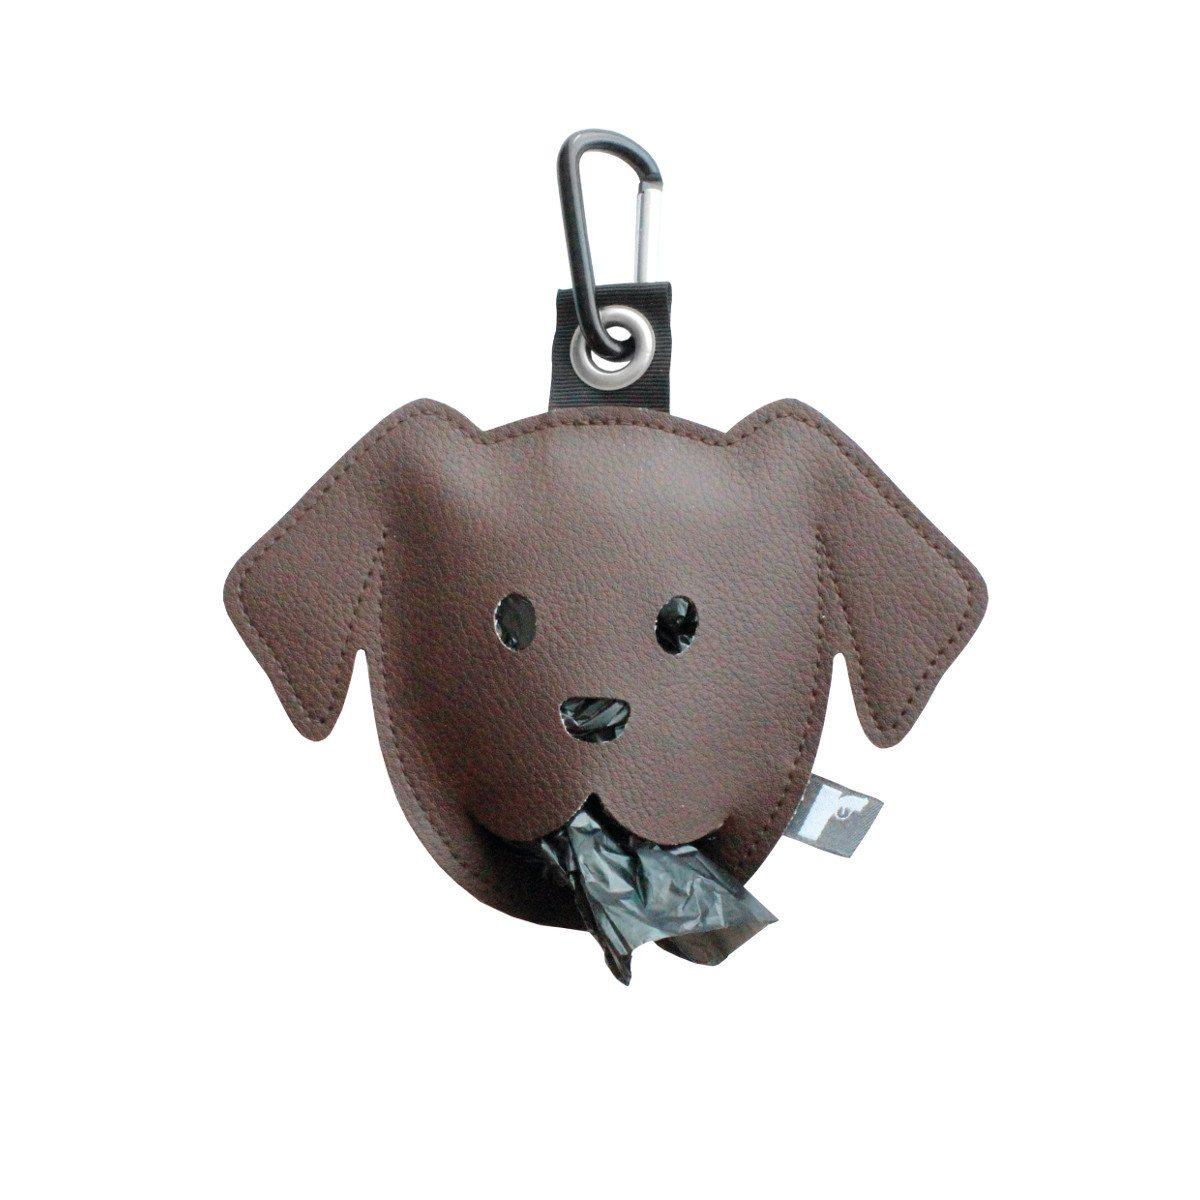 Goodie zum Gassi-Gehen: Der Hundebeutelspender dunkebraun